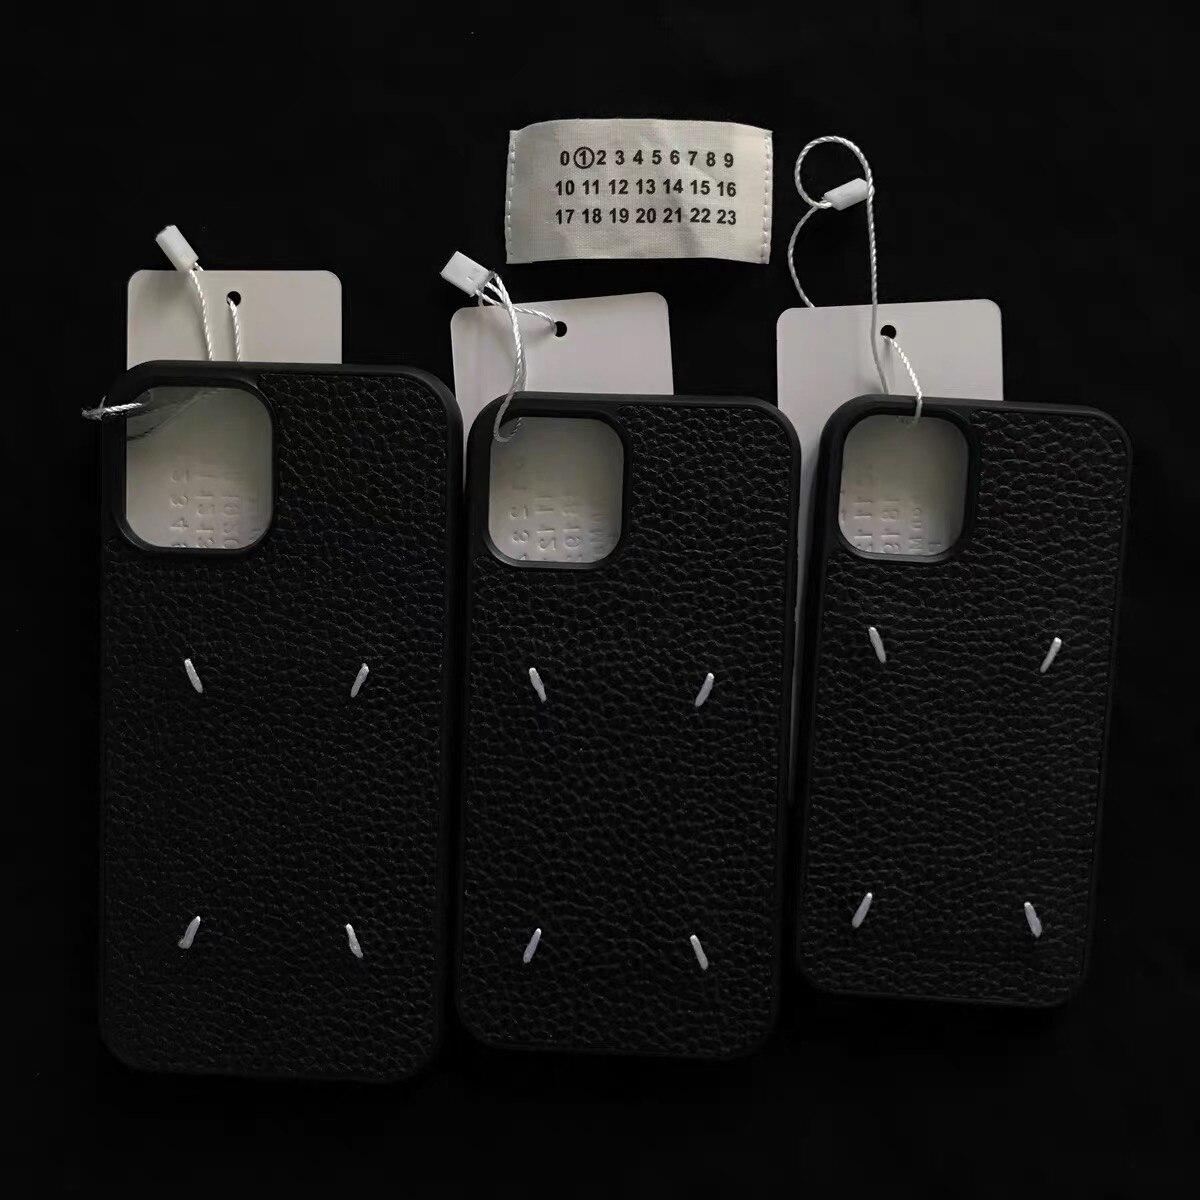 Холодильный кожаный чехол для мобильного телефона для iphone 12 Pro XR X XS Max 12 11 8 7 Plus противоударный чехол из мягкого ТПУ Margiela силиконовый черный чехол|Футболки|   | АлиЭкспресс